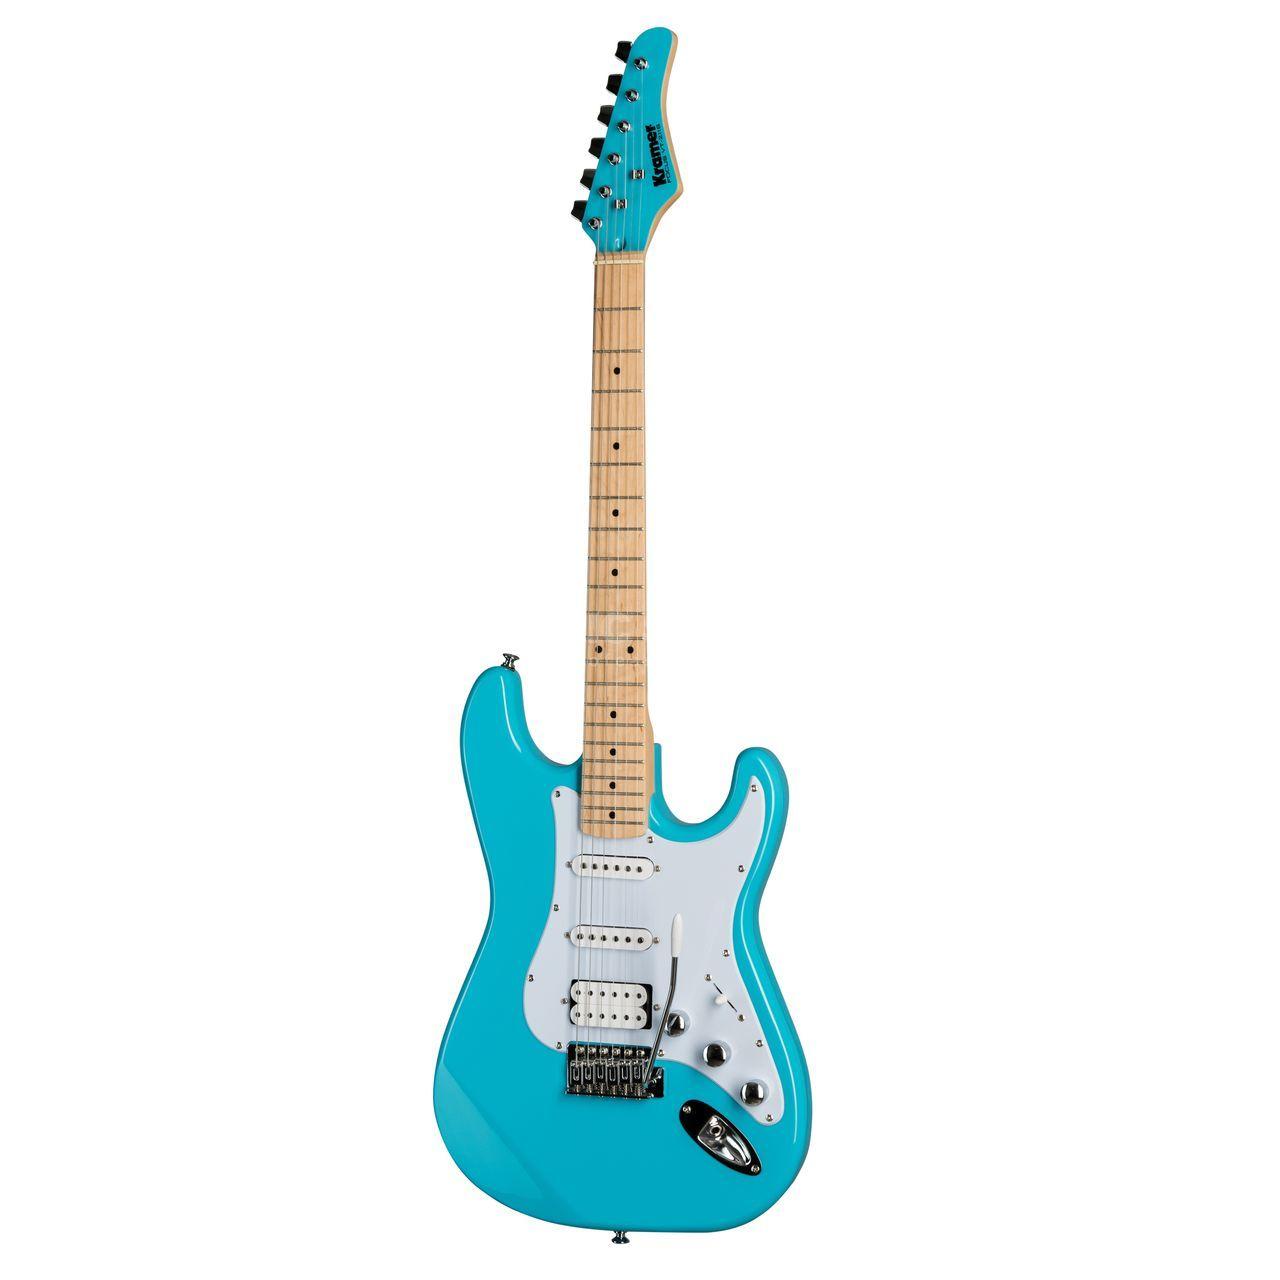 New kramer guitars